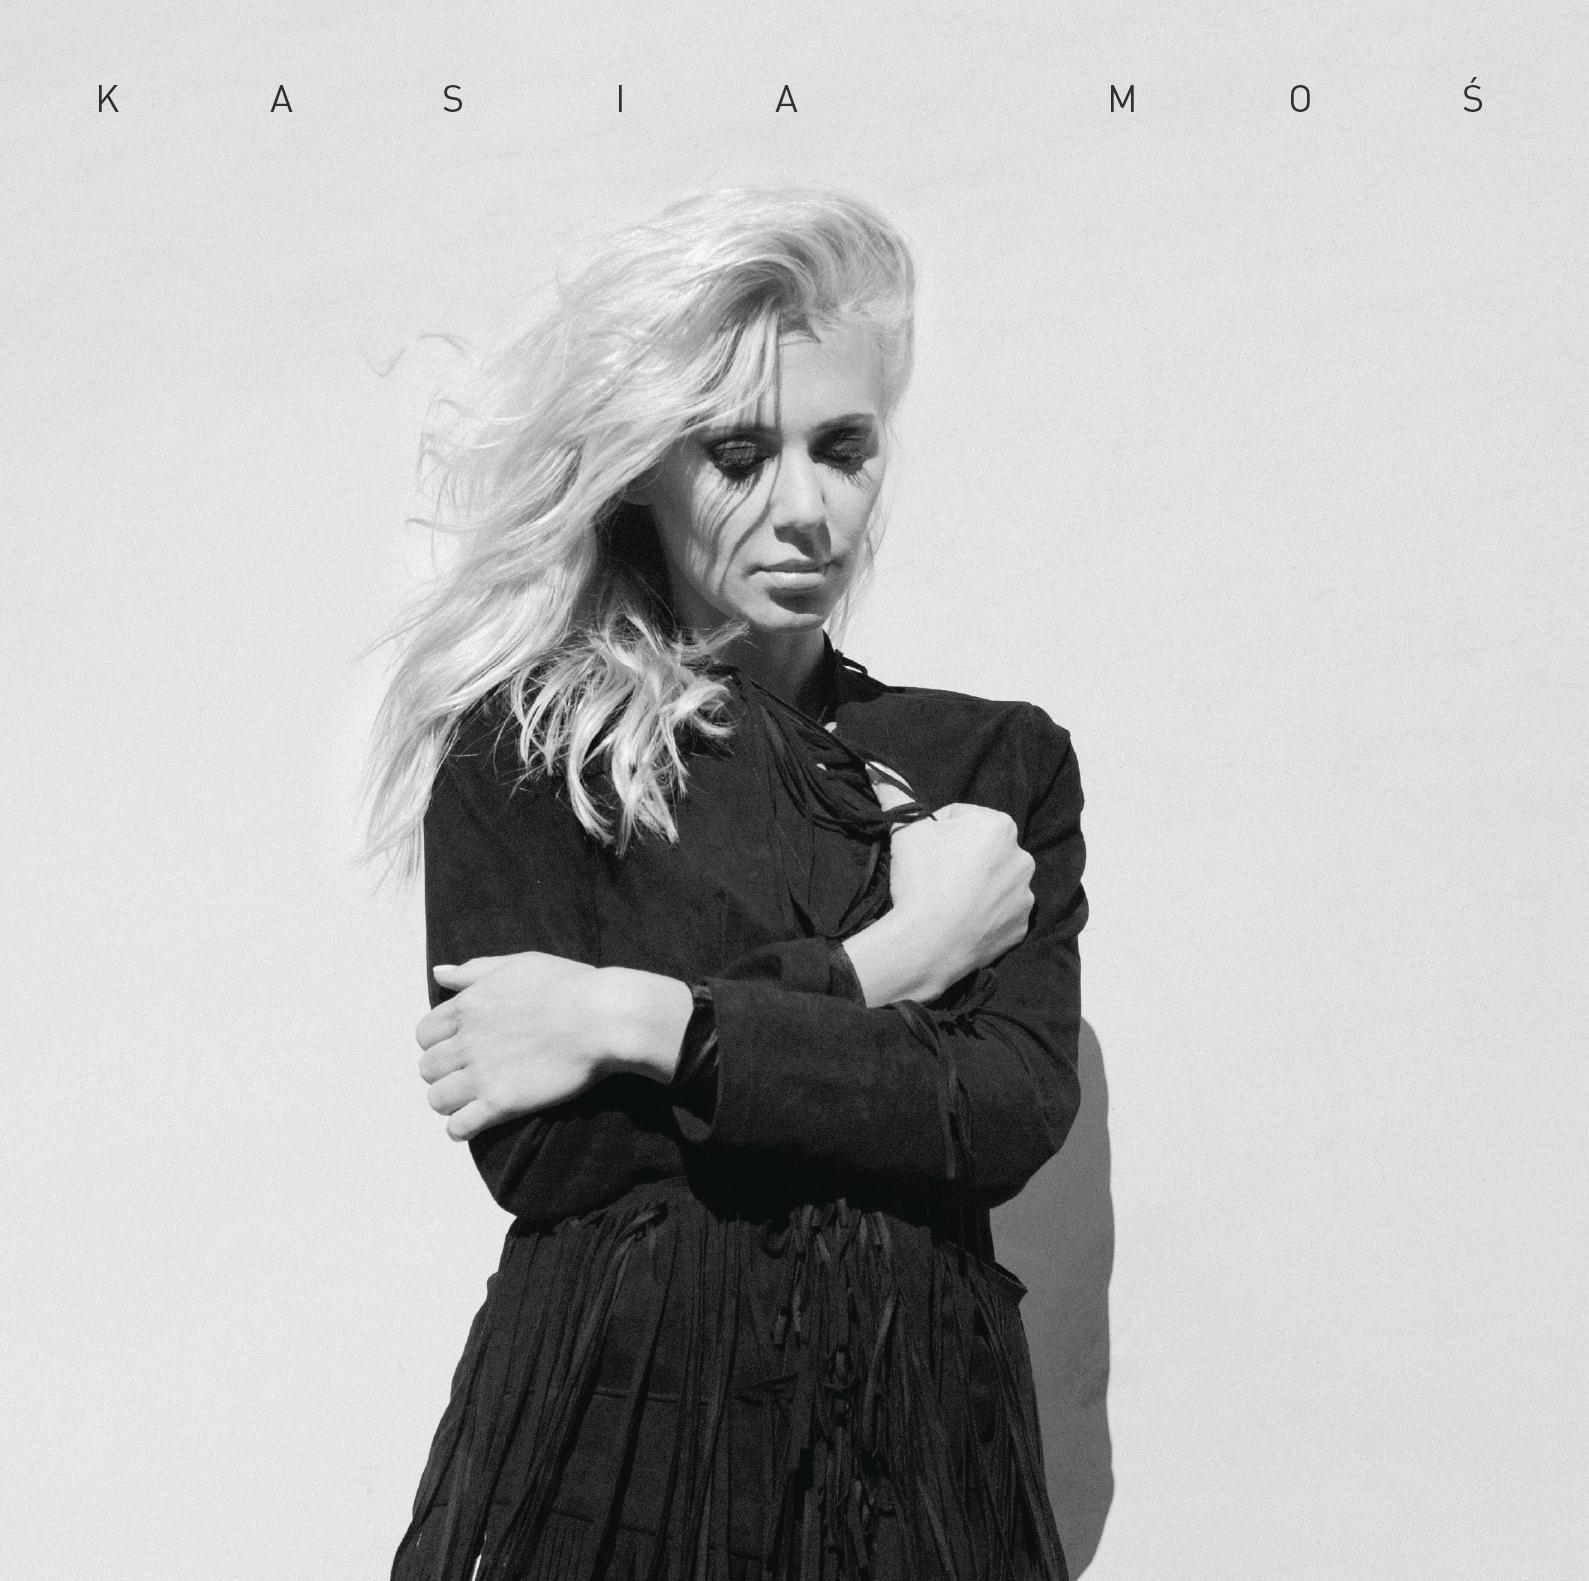 Okładka płyty - Kasia Moś INSPINATION (1)